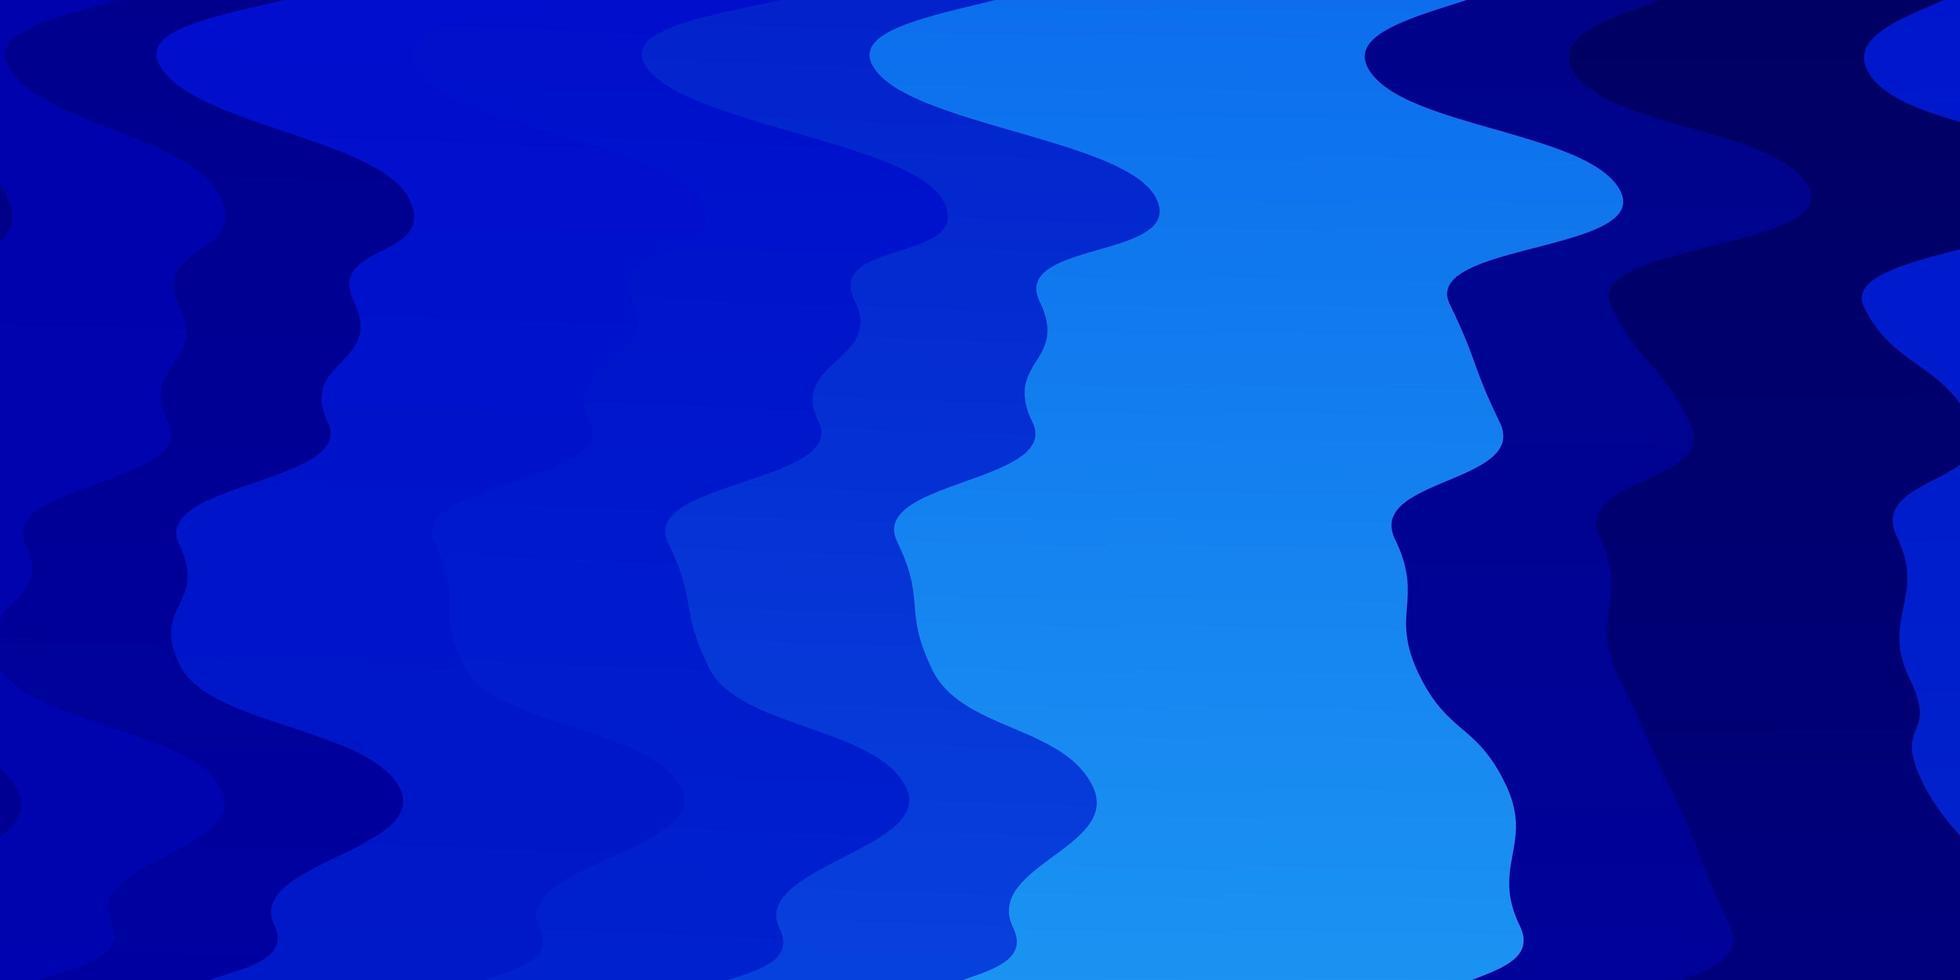 fundo azul claro do vetor com arcos.